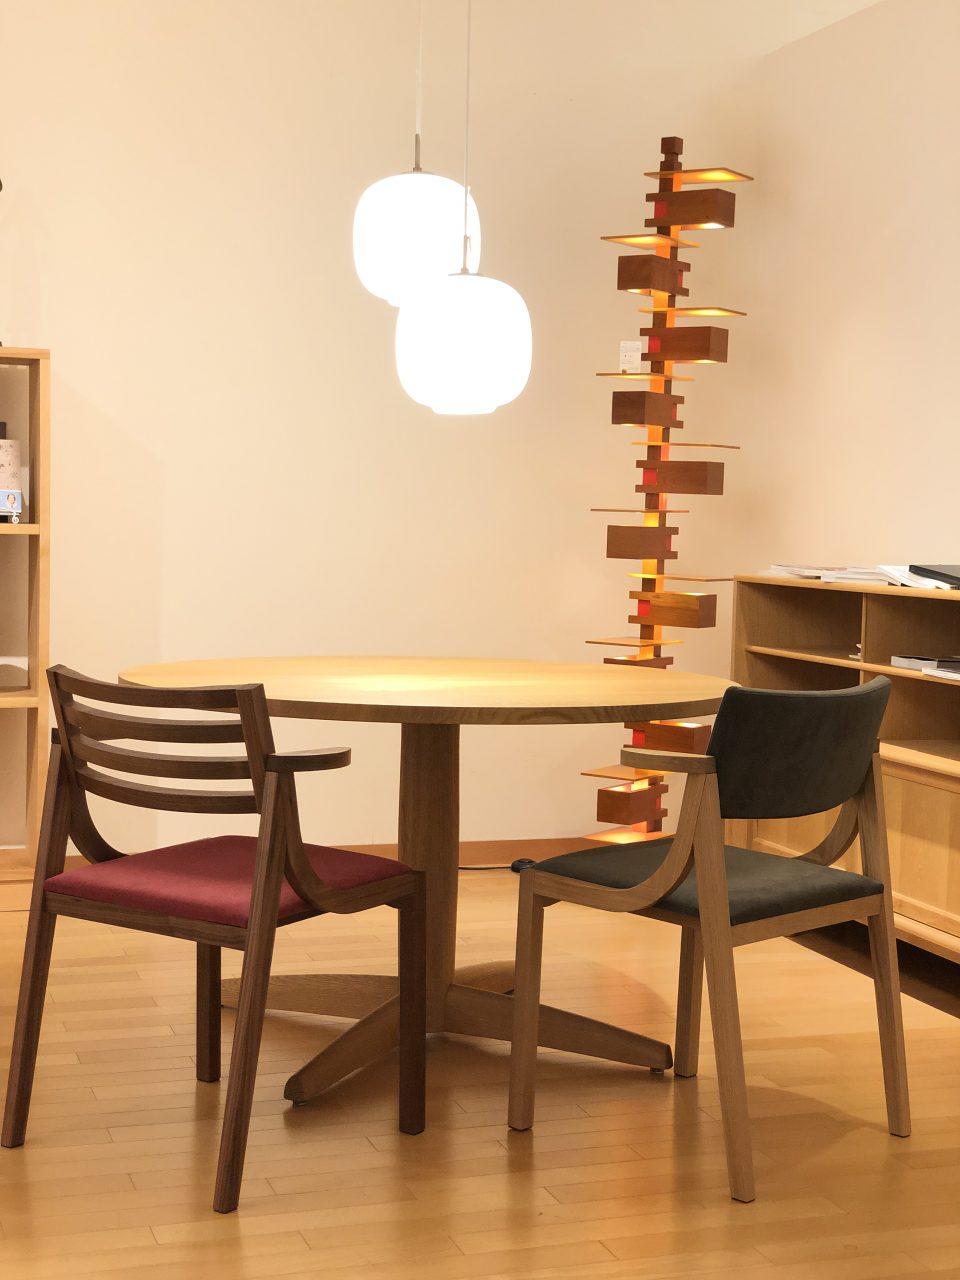 ボー・デコールでは新築住宅にお勧めの椅子や家具を数多く展示しております